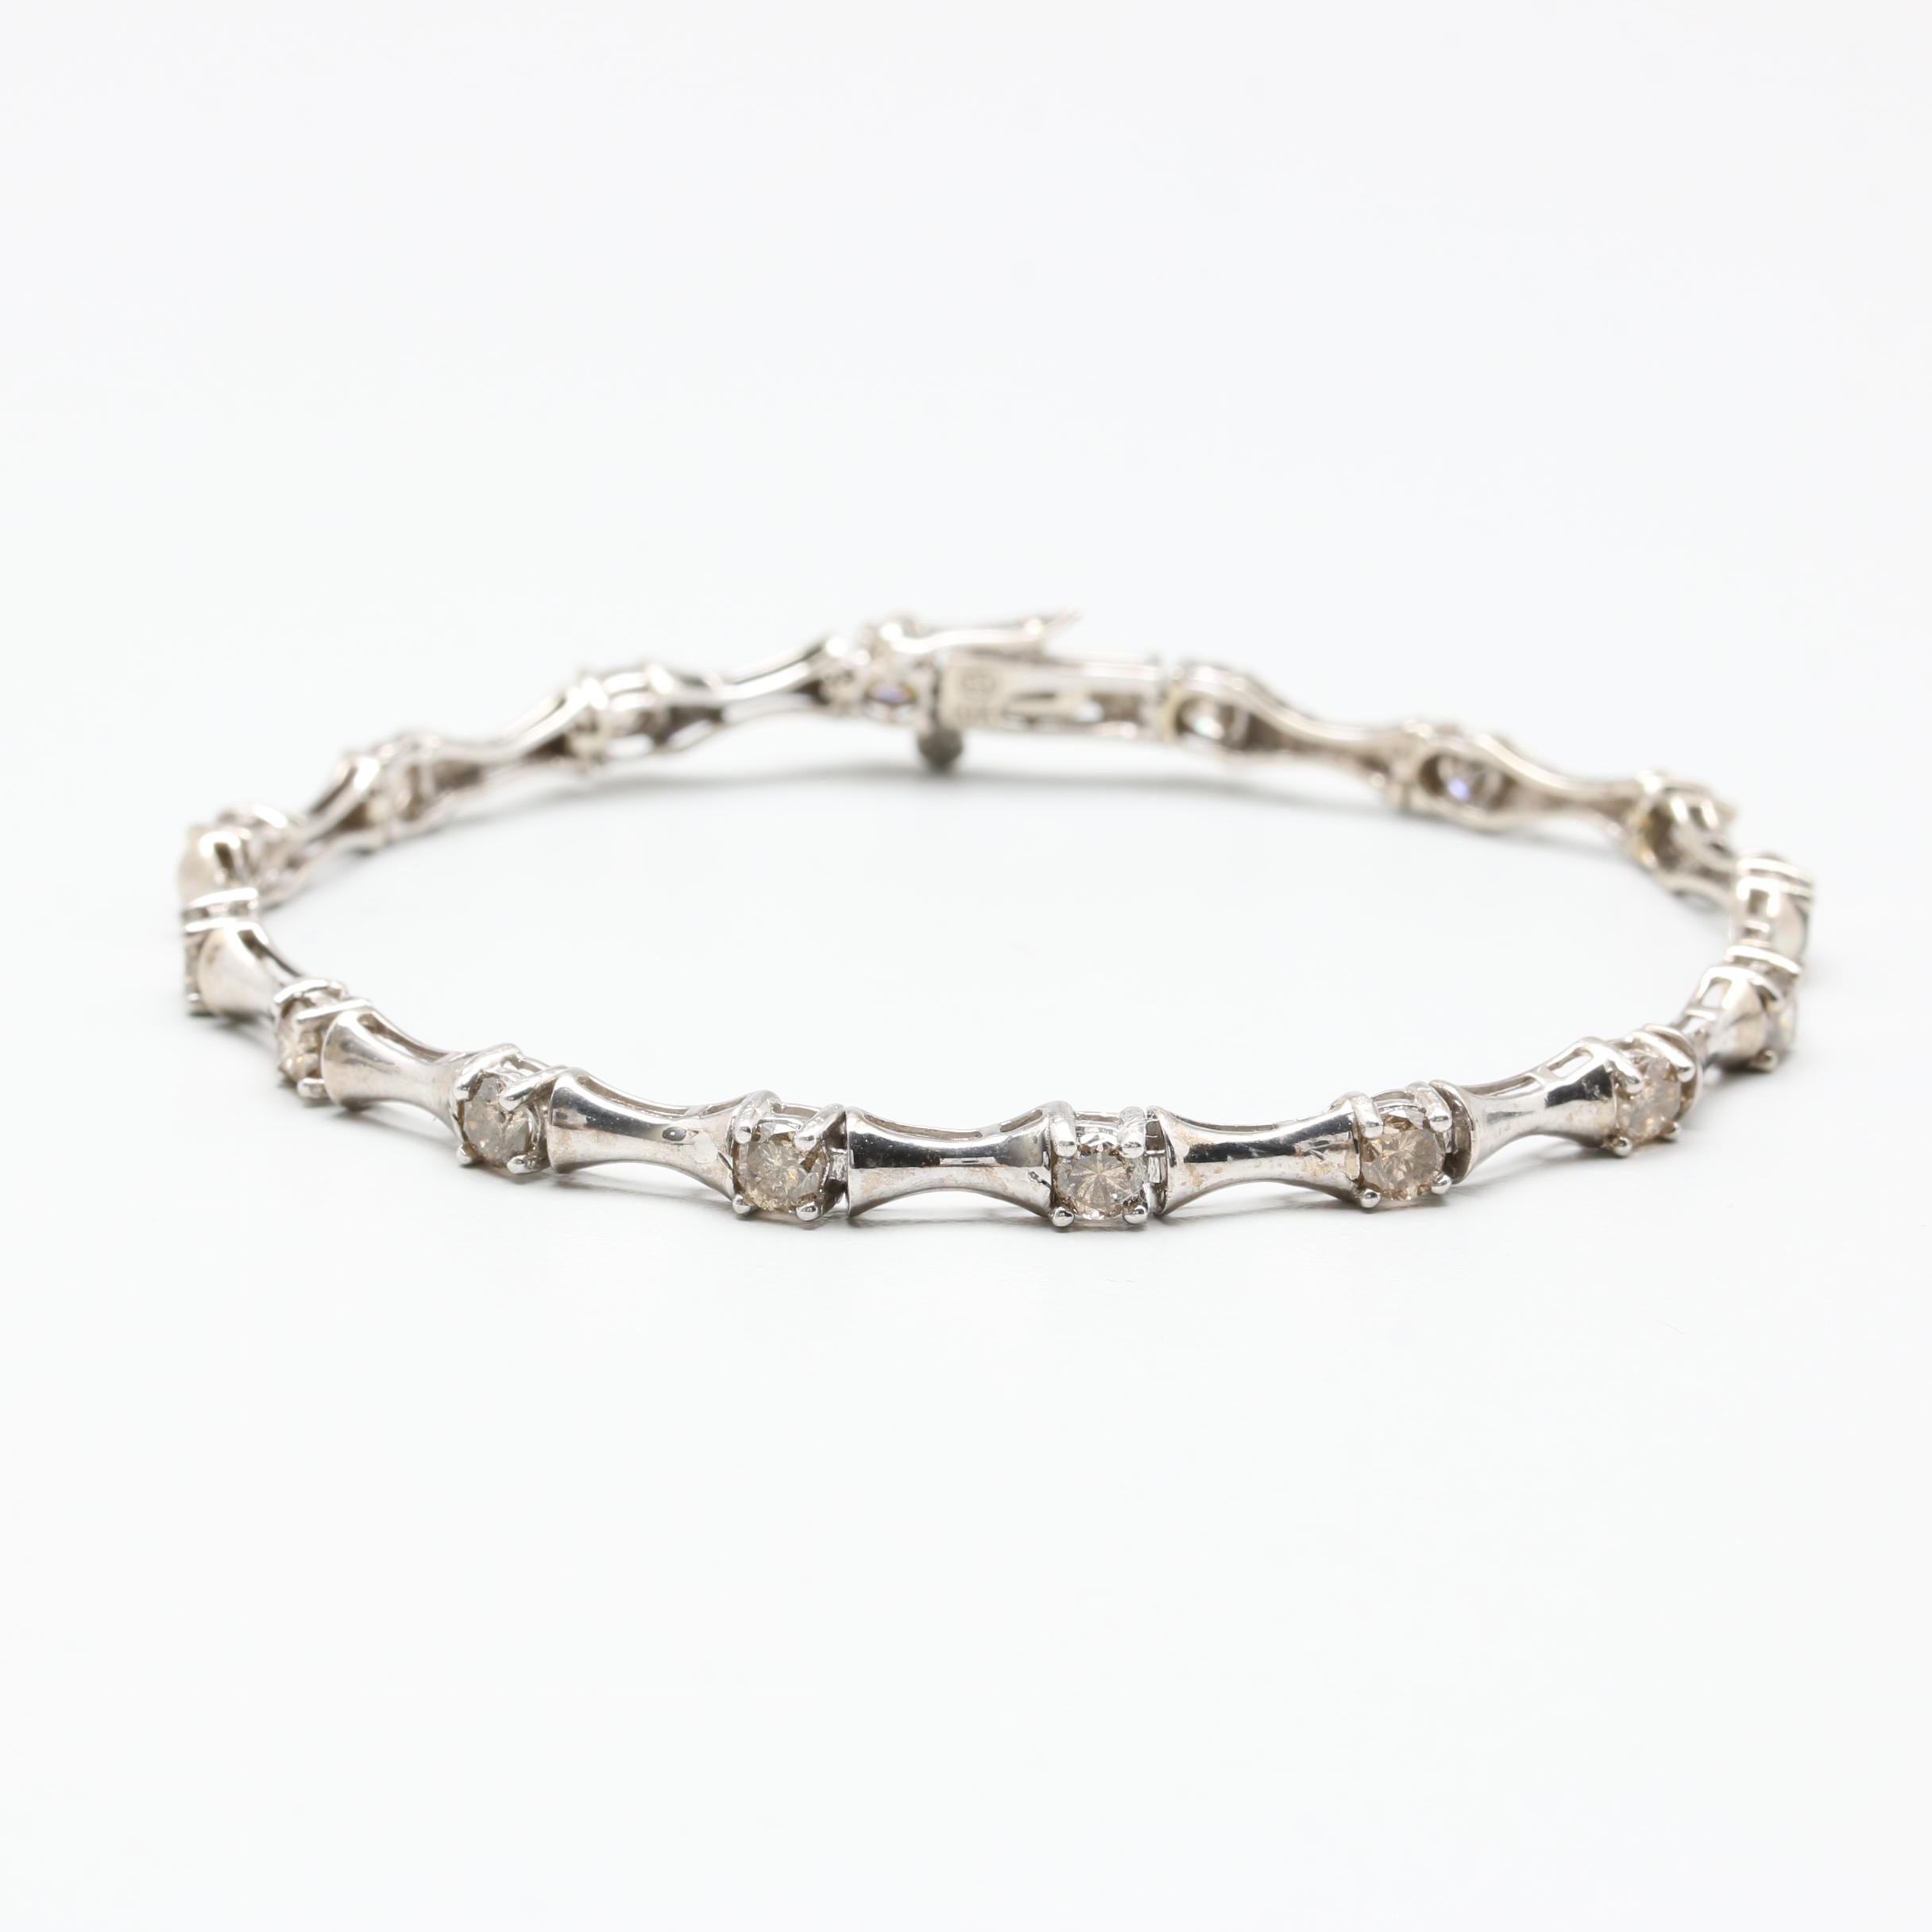 10K White Gold 2.50 CTW Diamond Link Bracelet